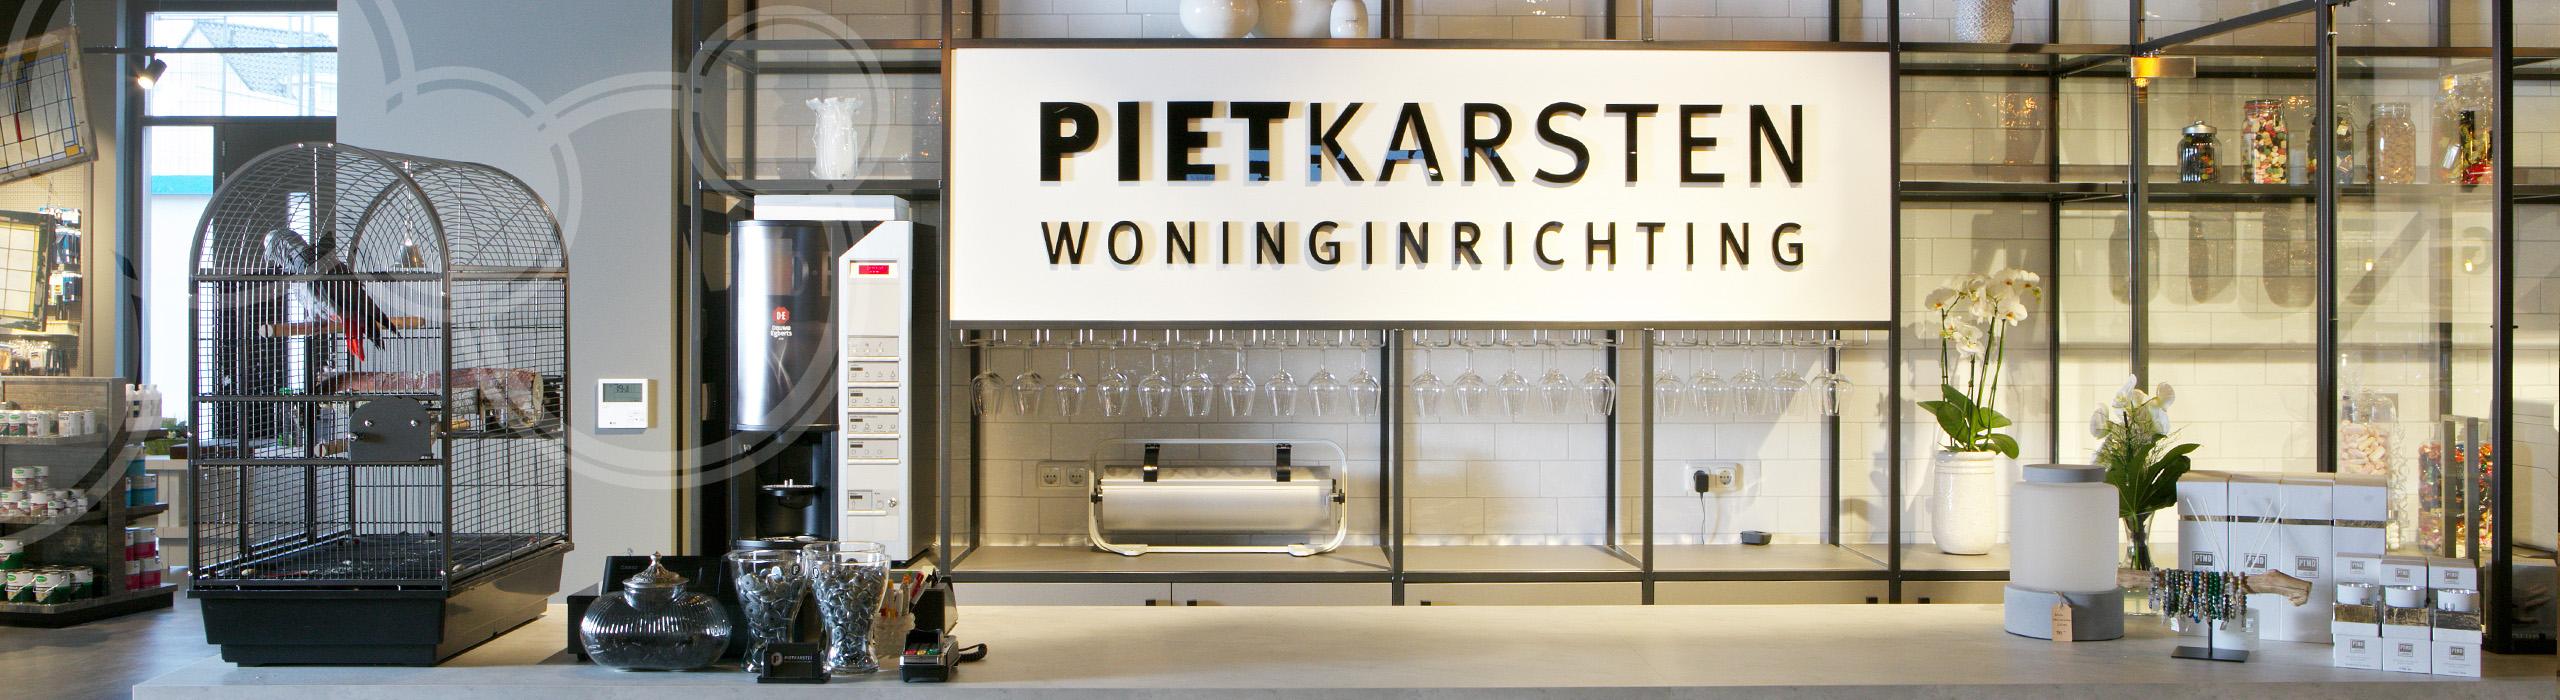 Piet Karsten Woninginrichting